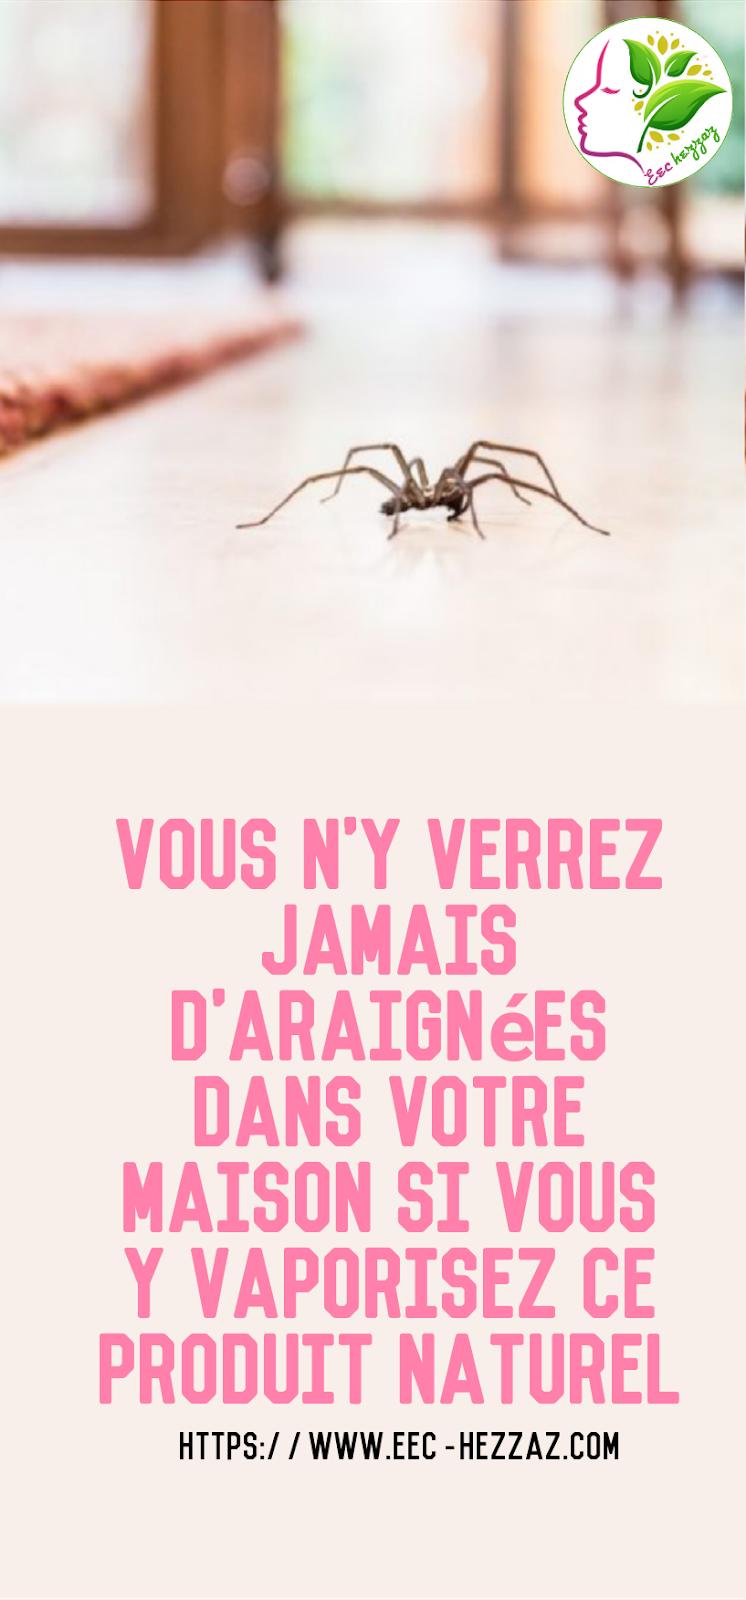 Vous n'y verrez JAMAIS d'araignées dans votre maison si vous y vaporisez ce produit naturel